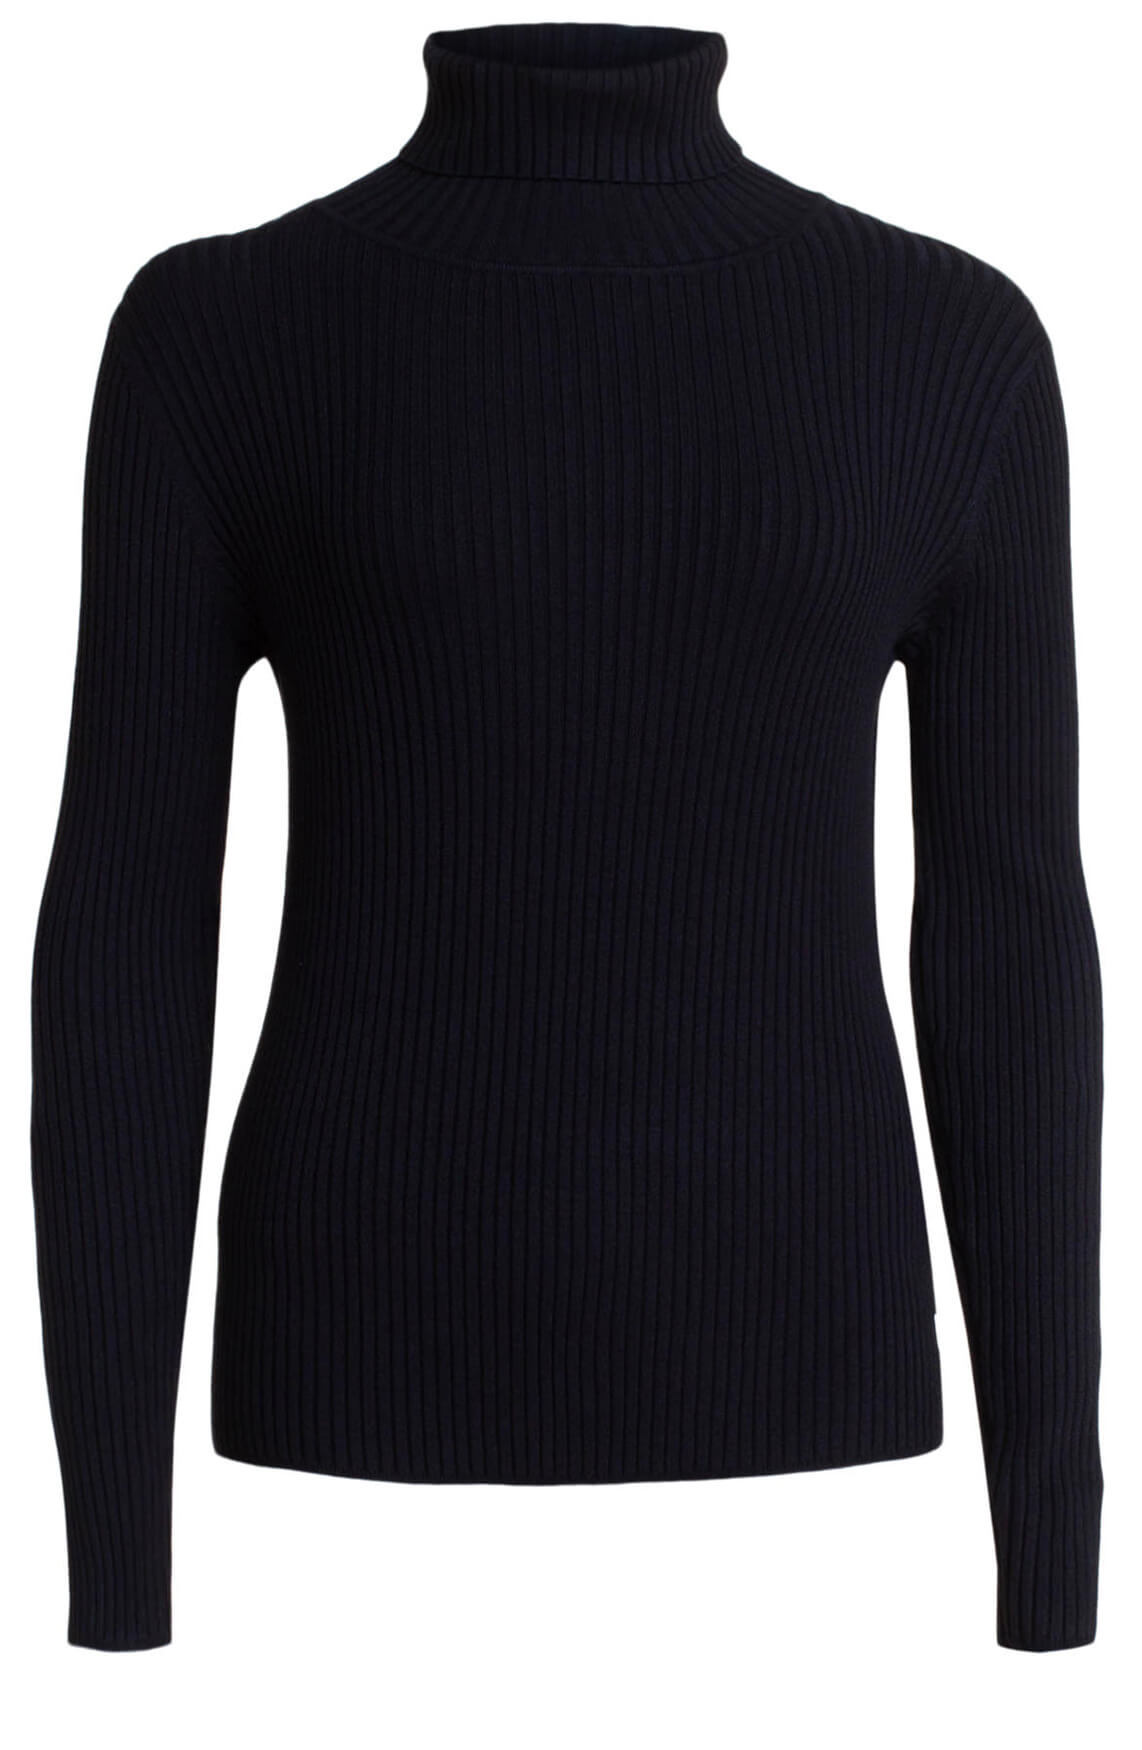 Anna Dames Ribgebreide pullover zwart